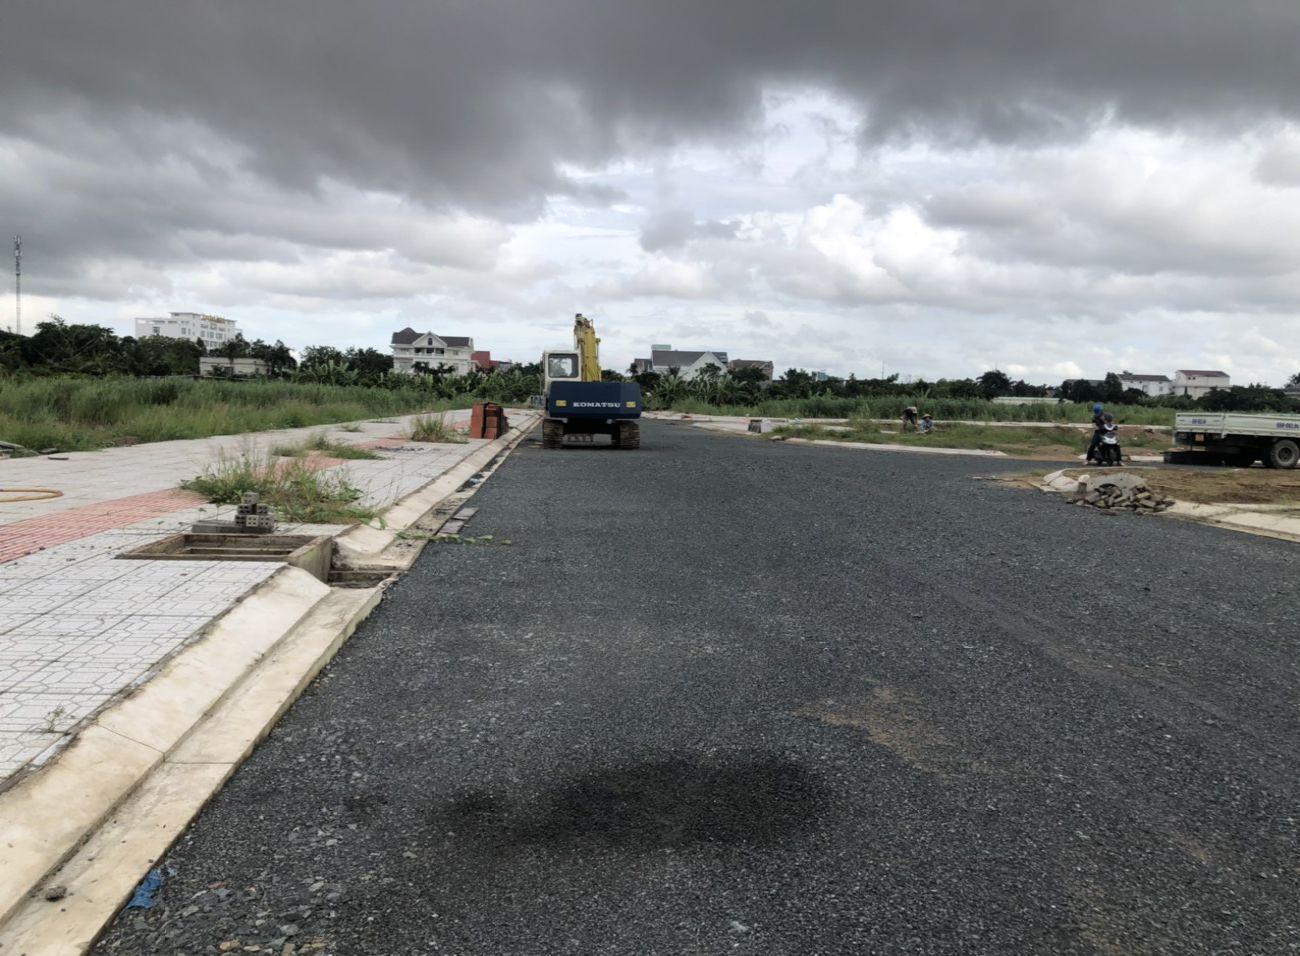 Tiến độ xây dựng Cồn Khương Diamond City tháng 10/2021